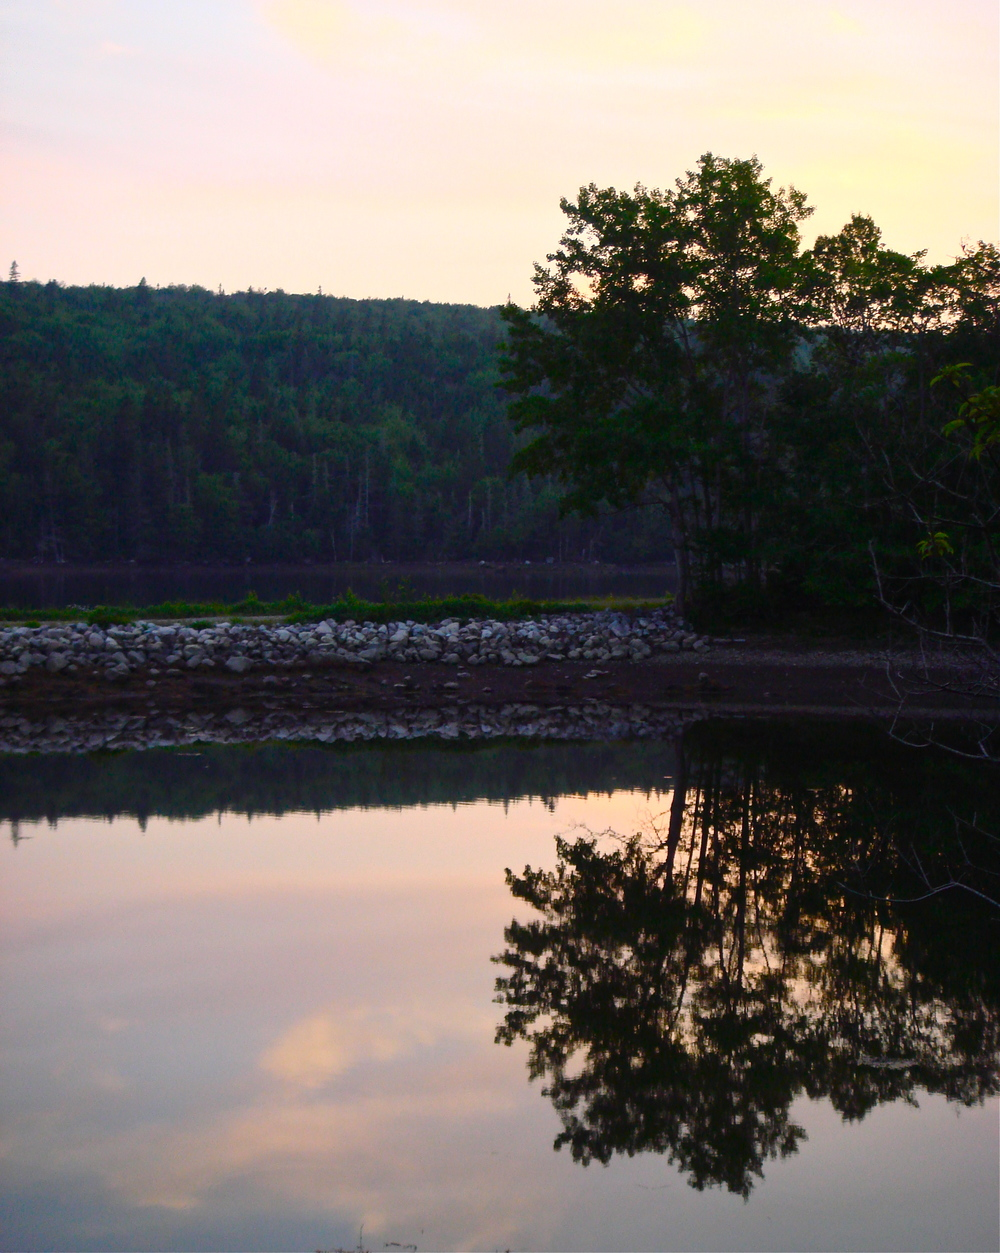 Still                          Nova Scotia, Canada